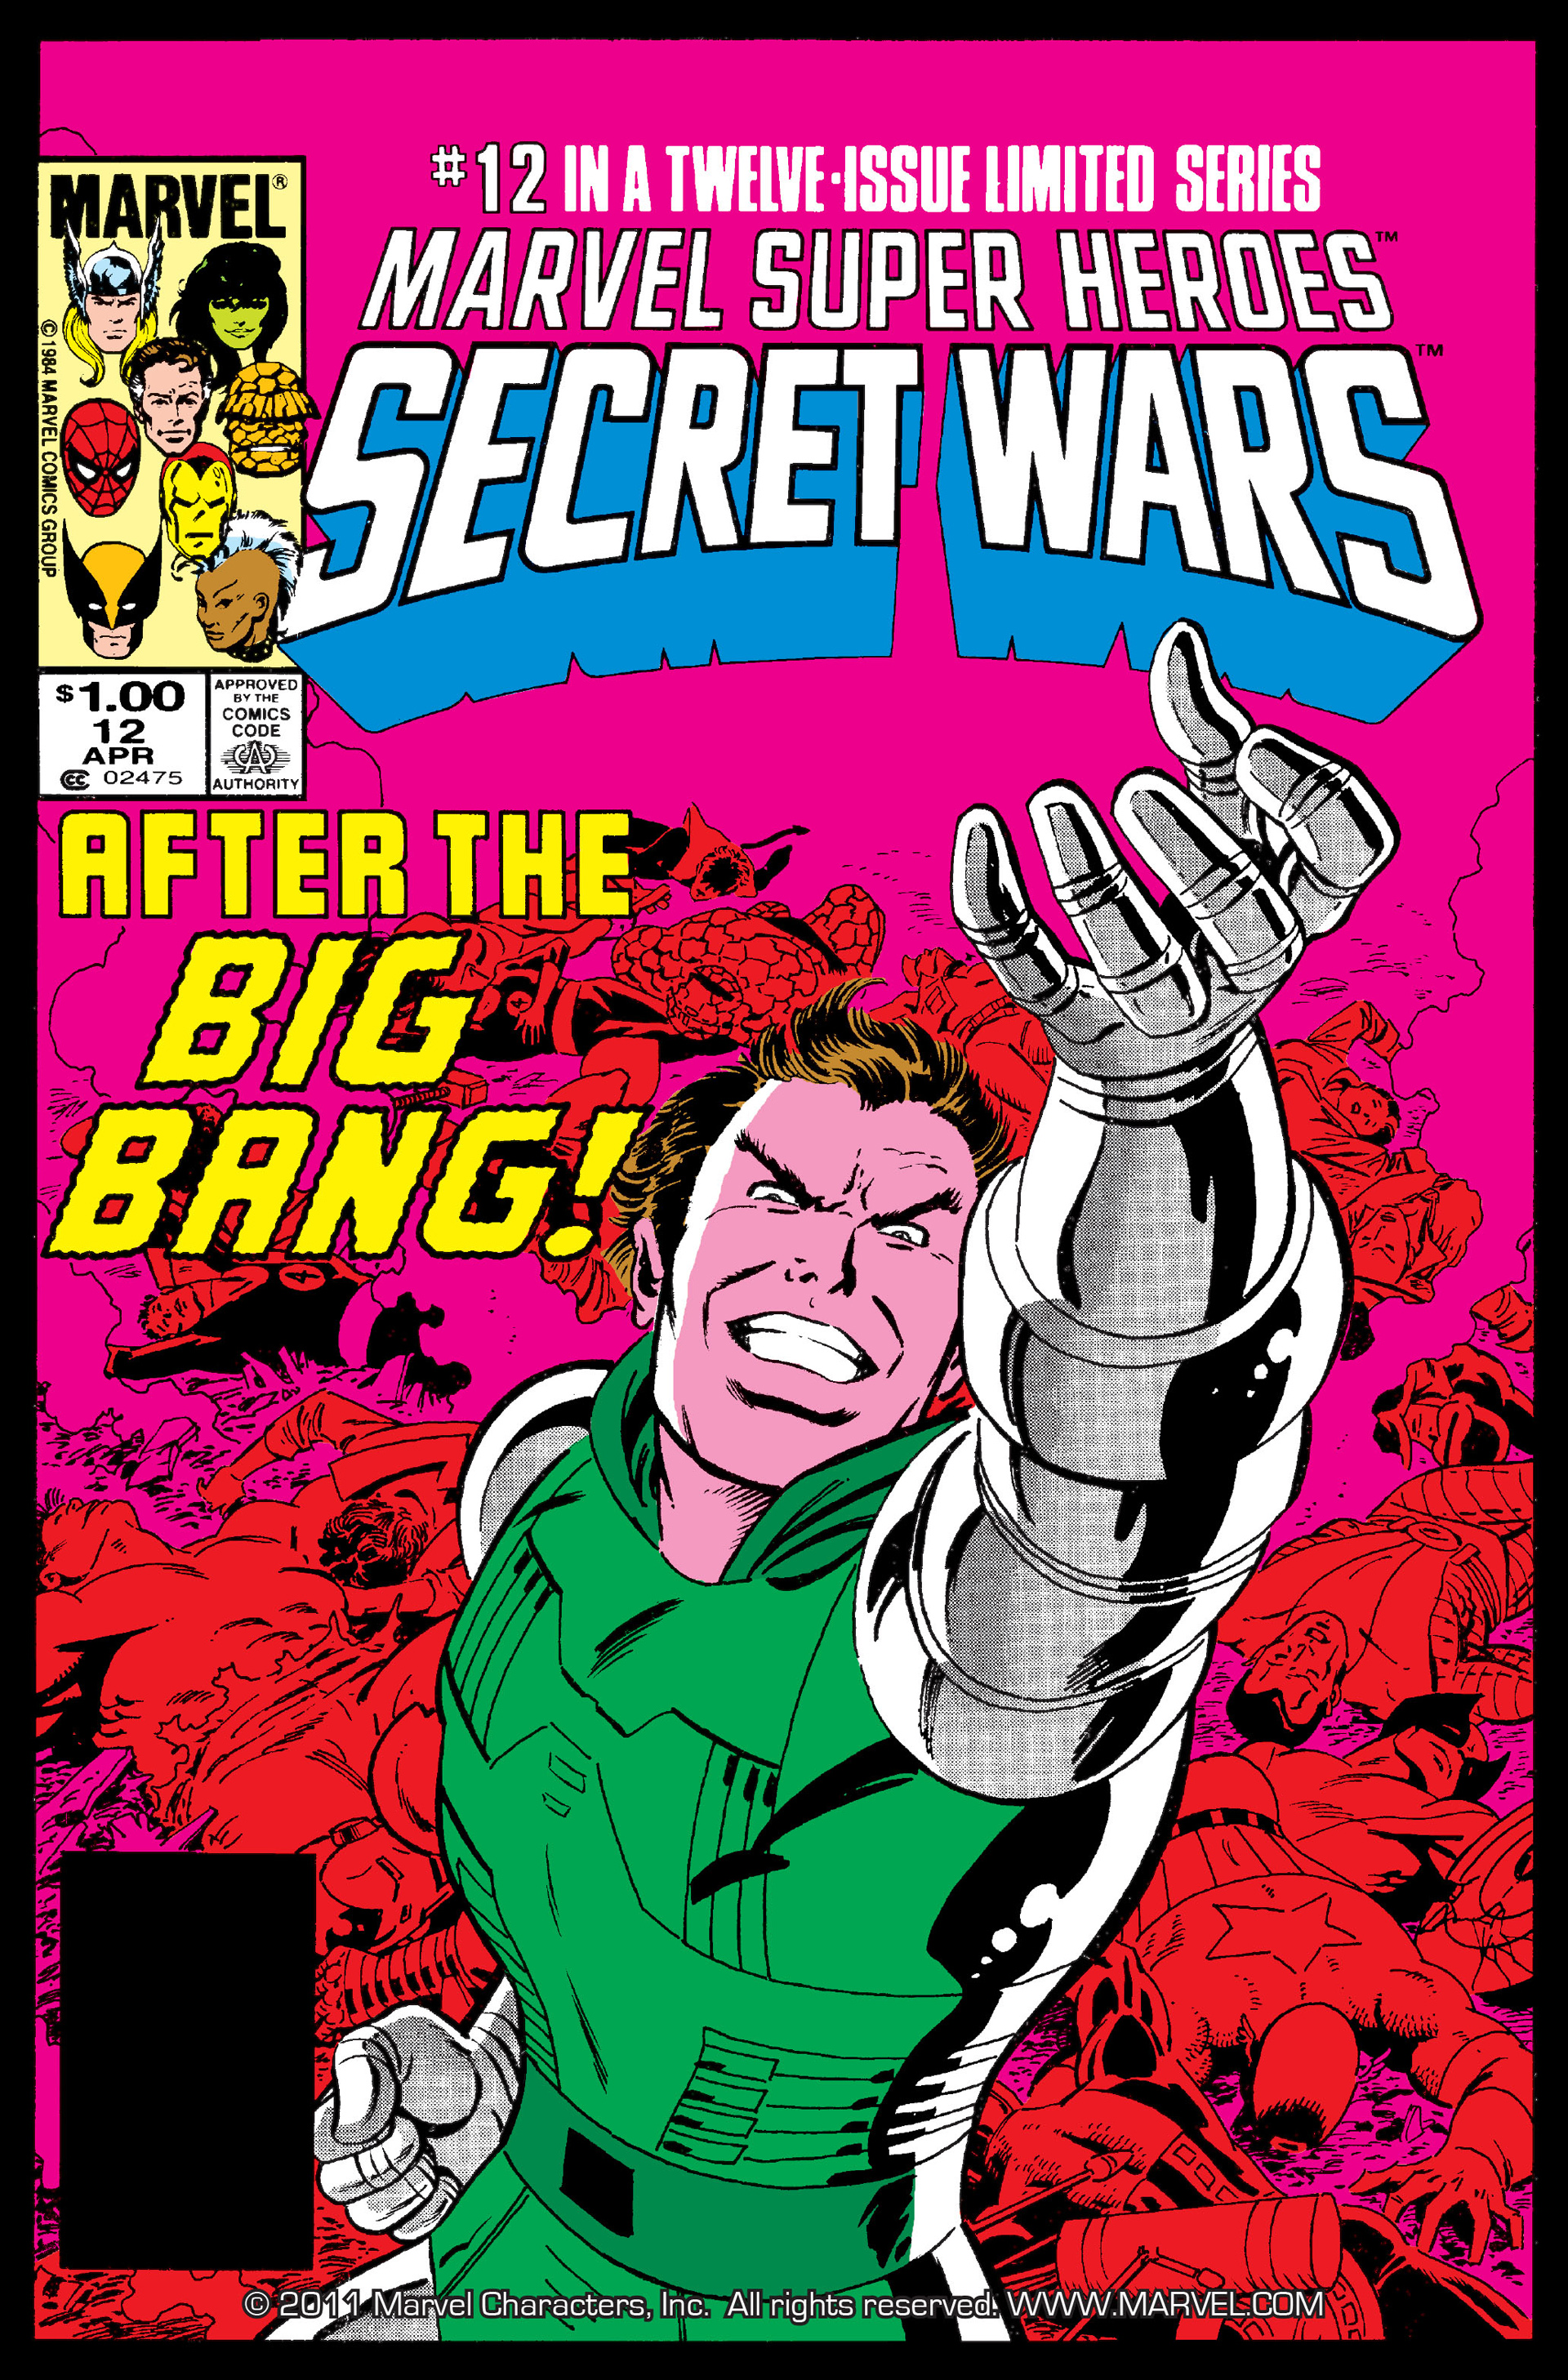 Marvel Super Heroes Secret Wars (1984) 12 Page 1